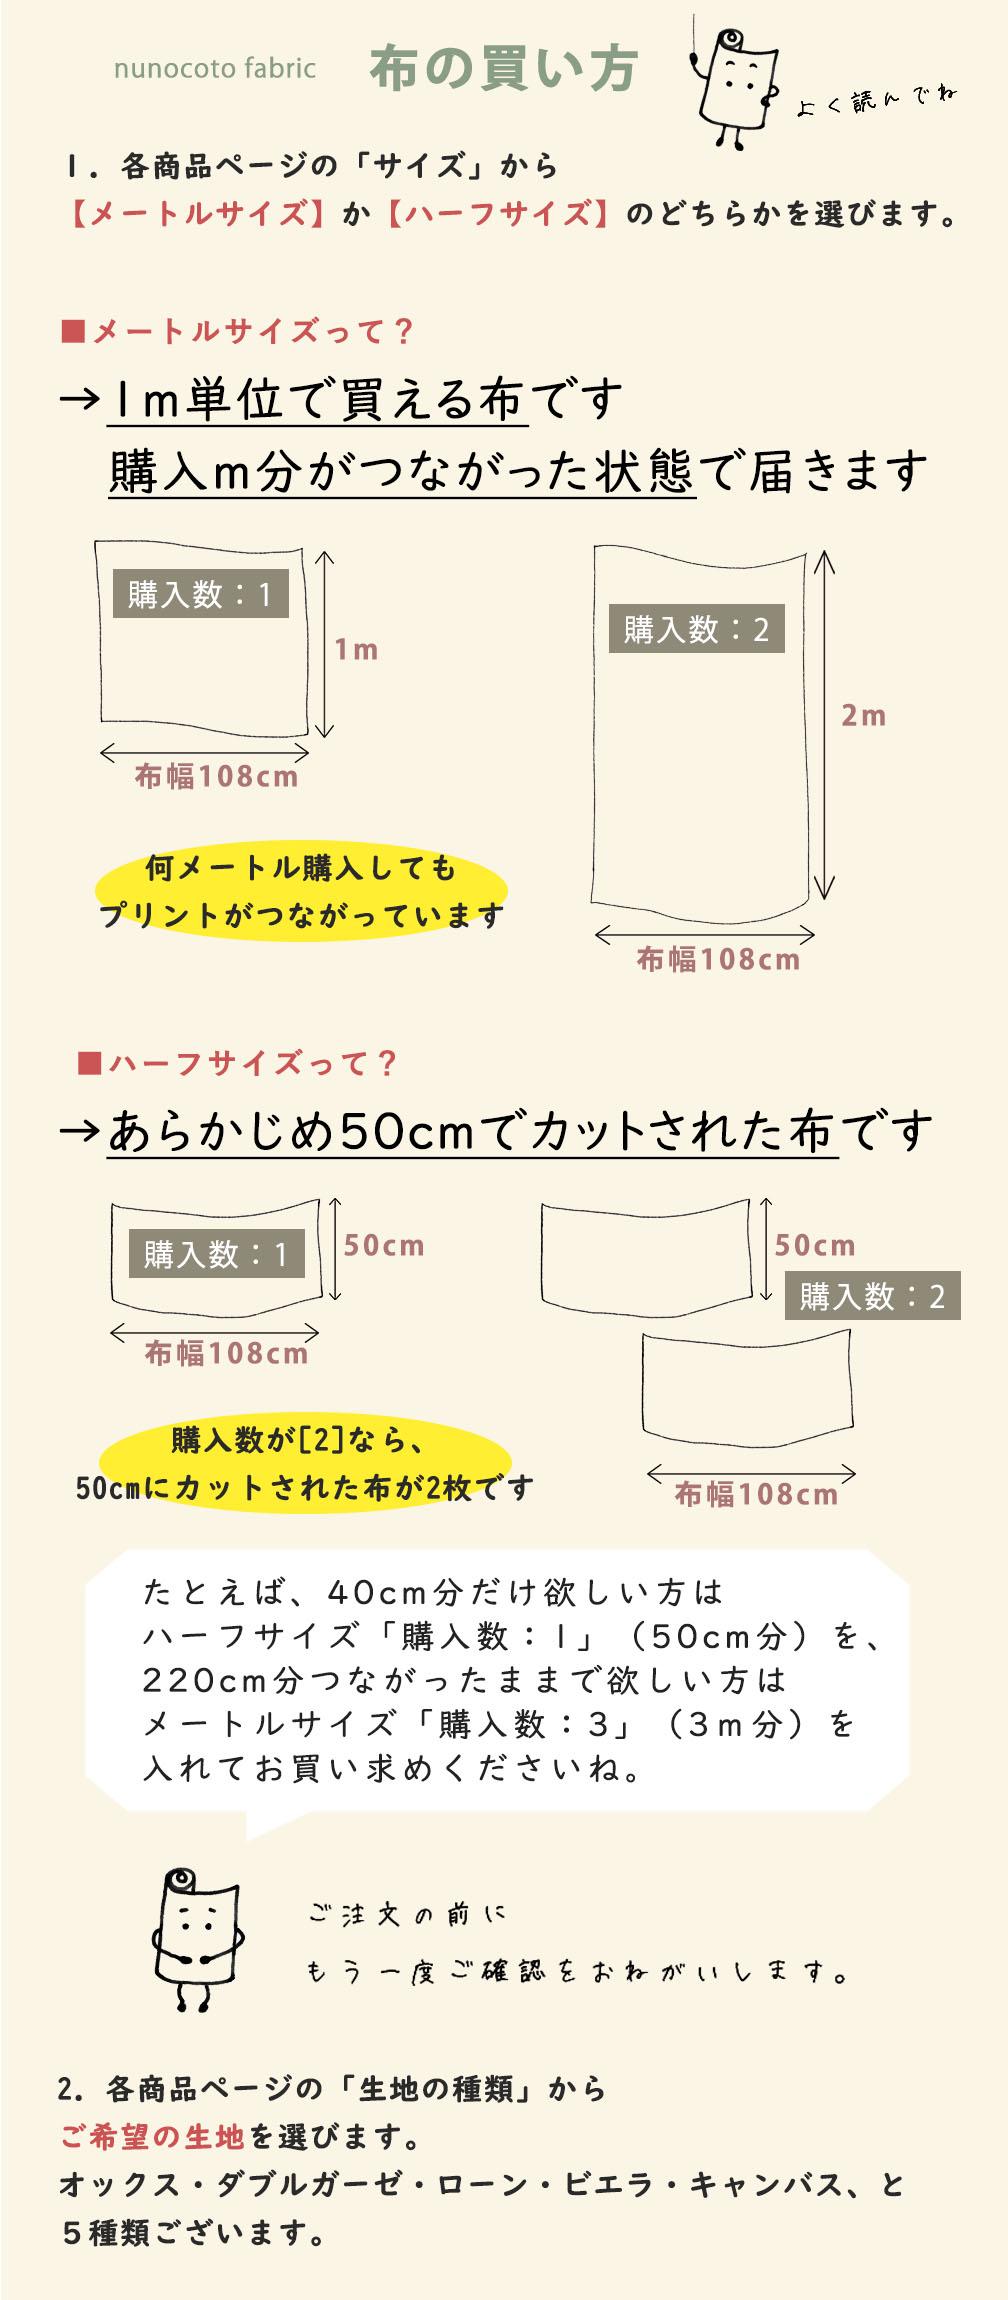 布の買い方について